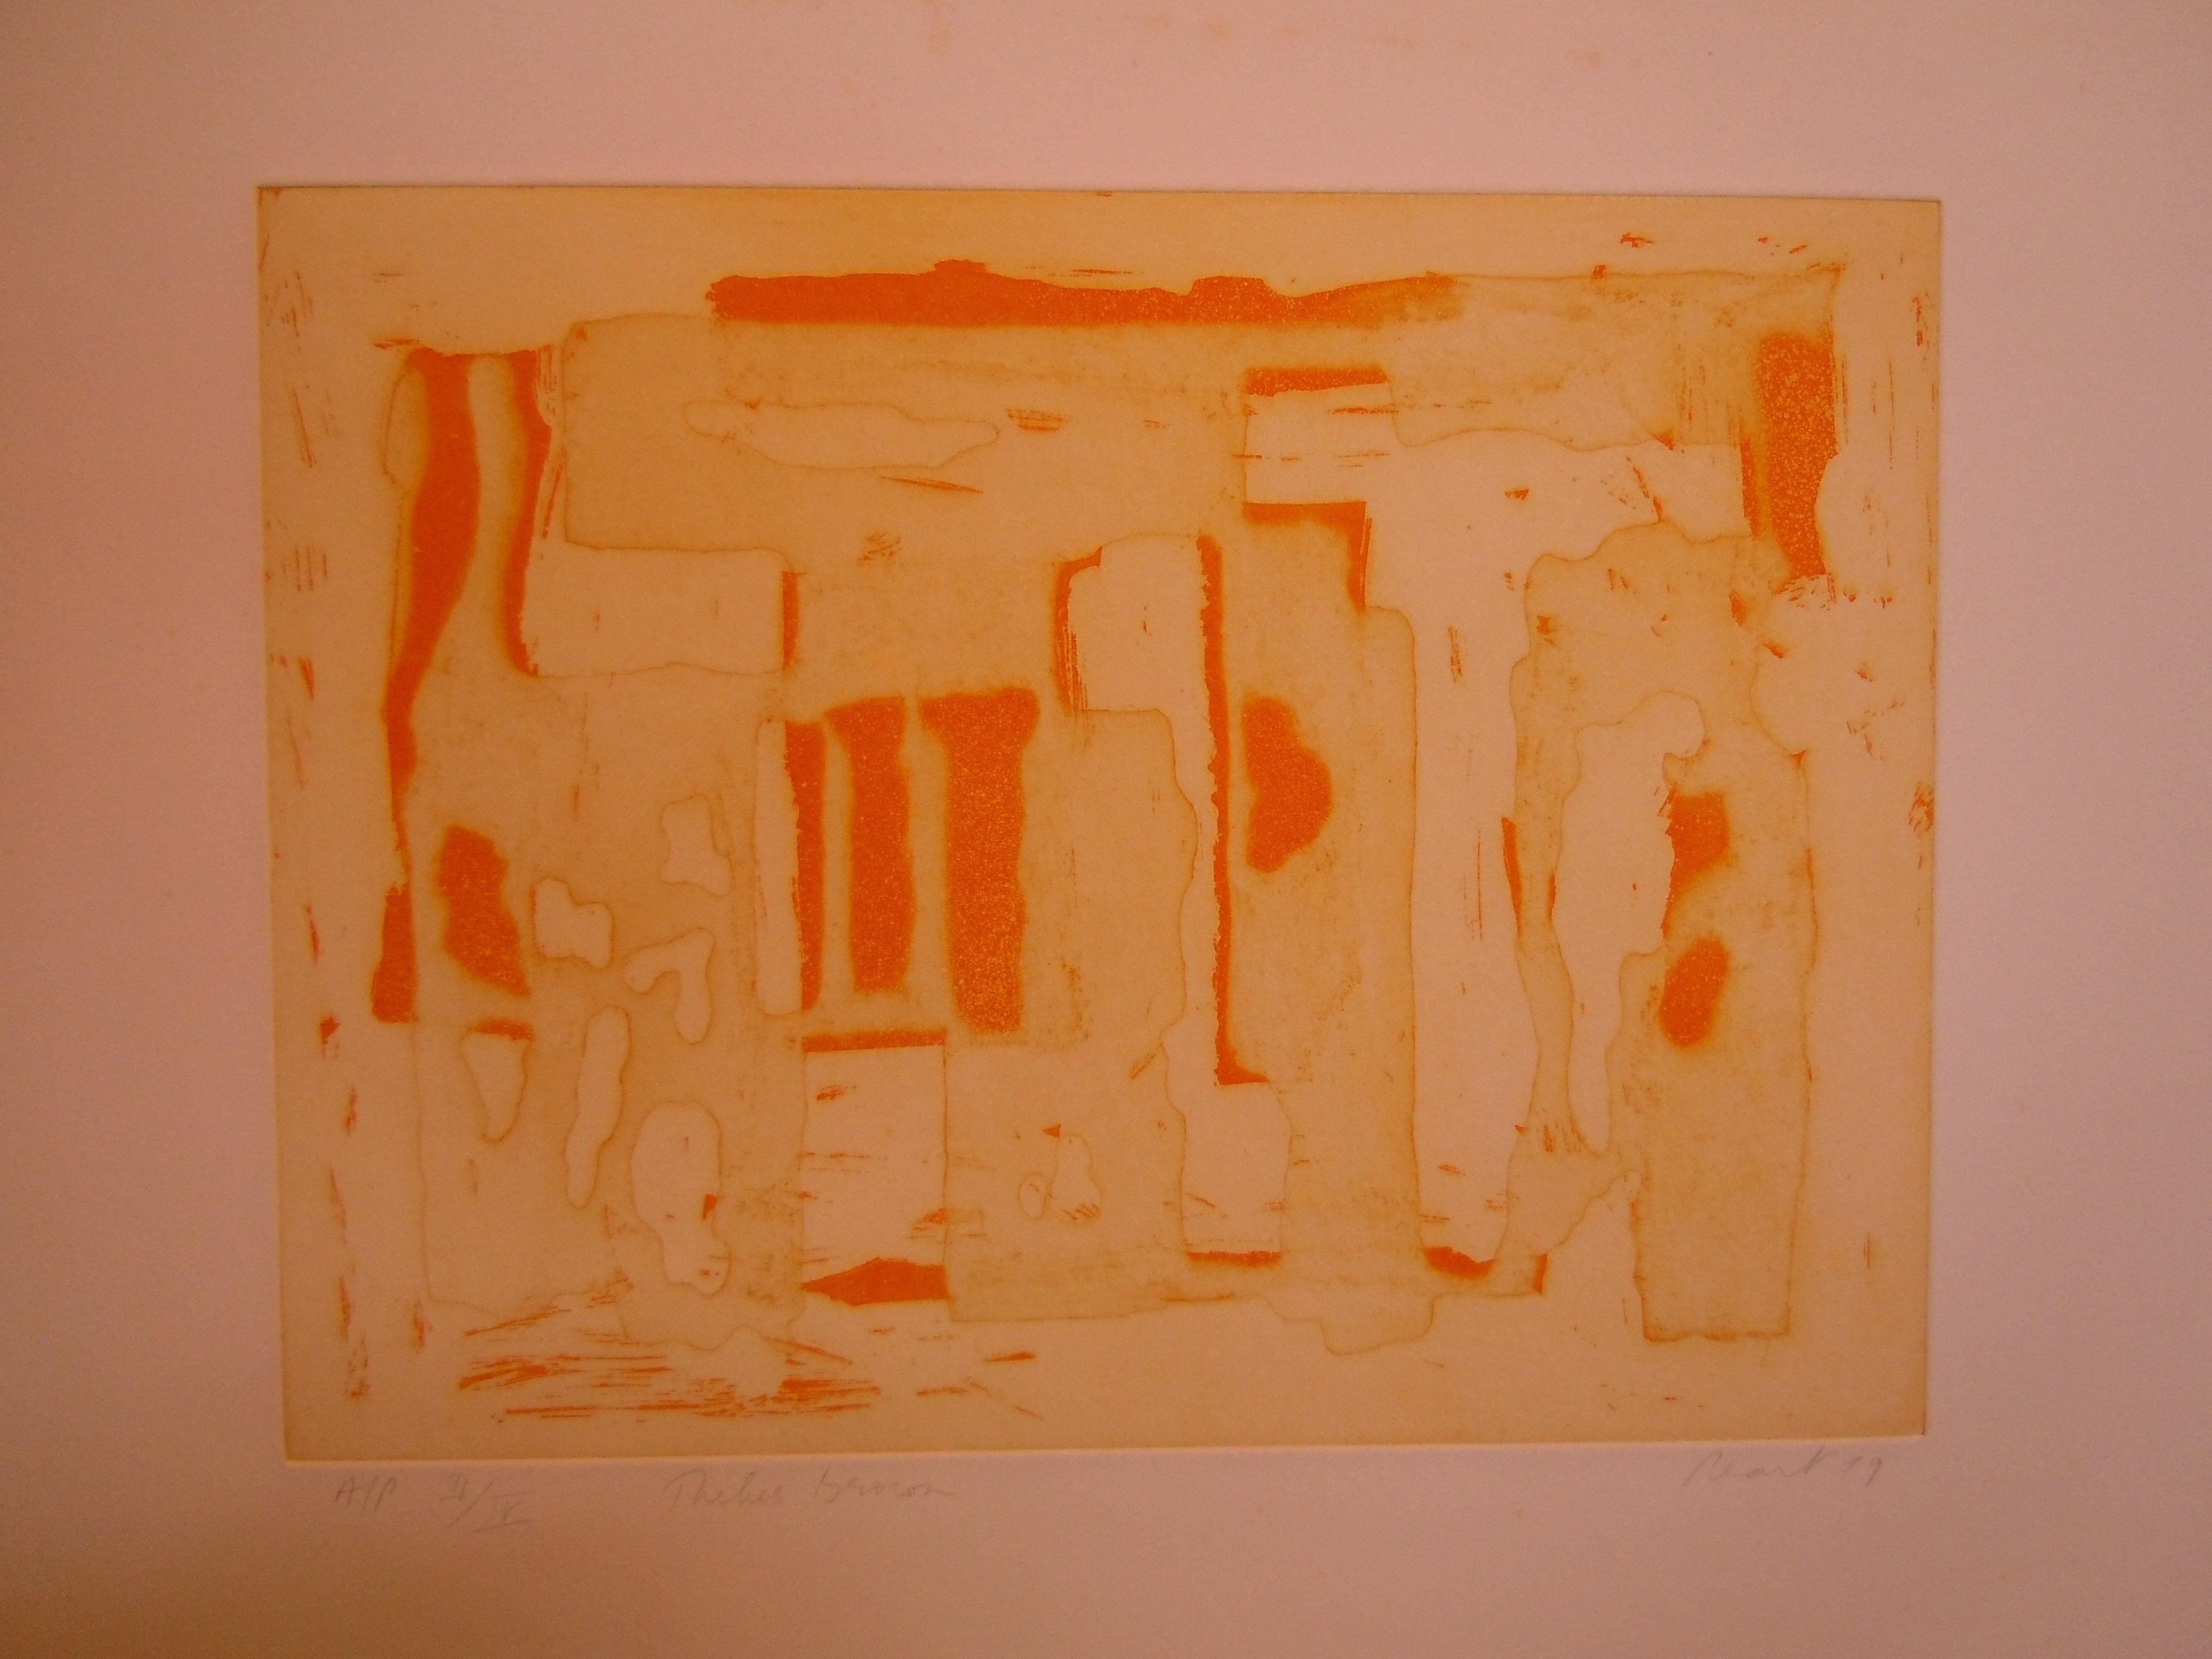 Thebes Orange